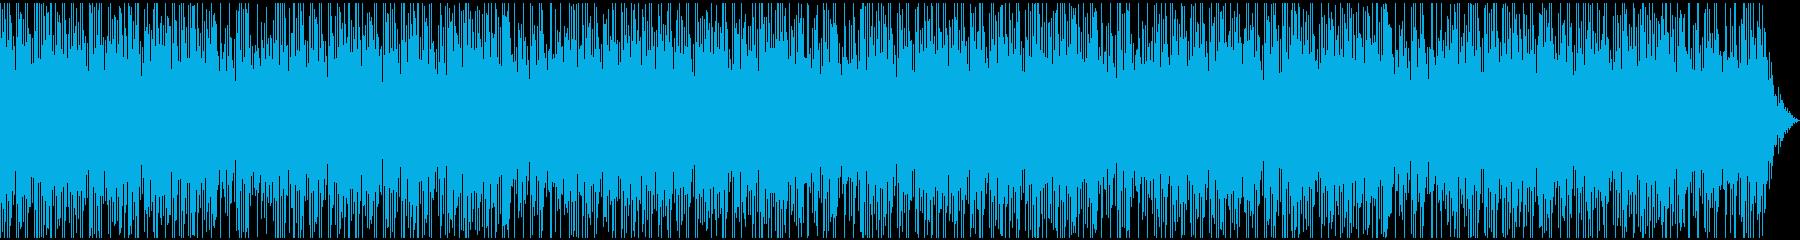 中国風 の祭り・祝祭の音楽の再生済みの波形